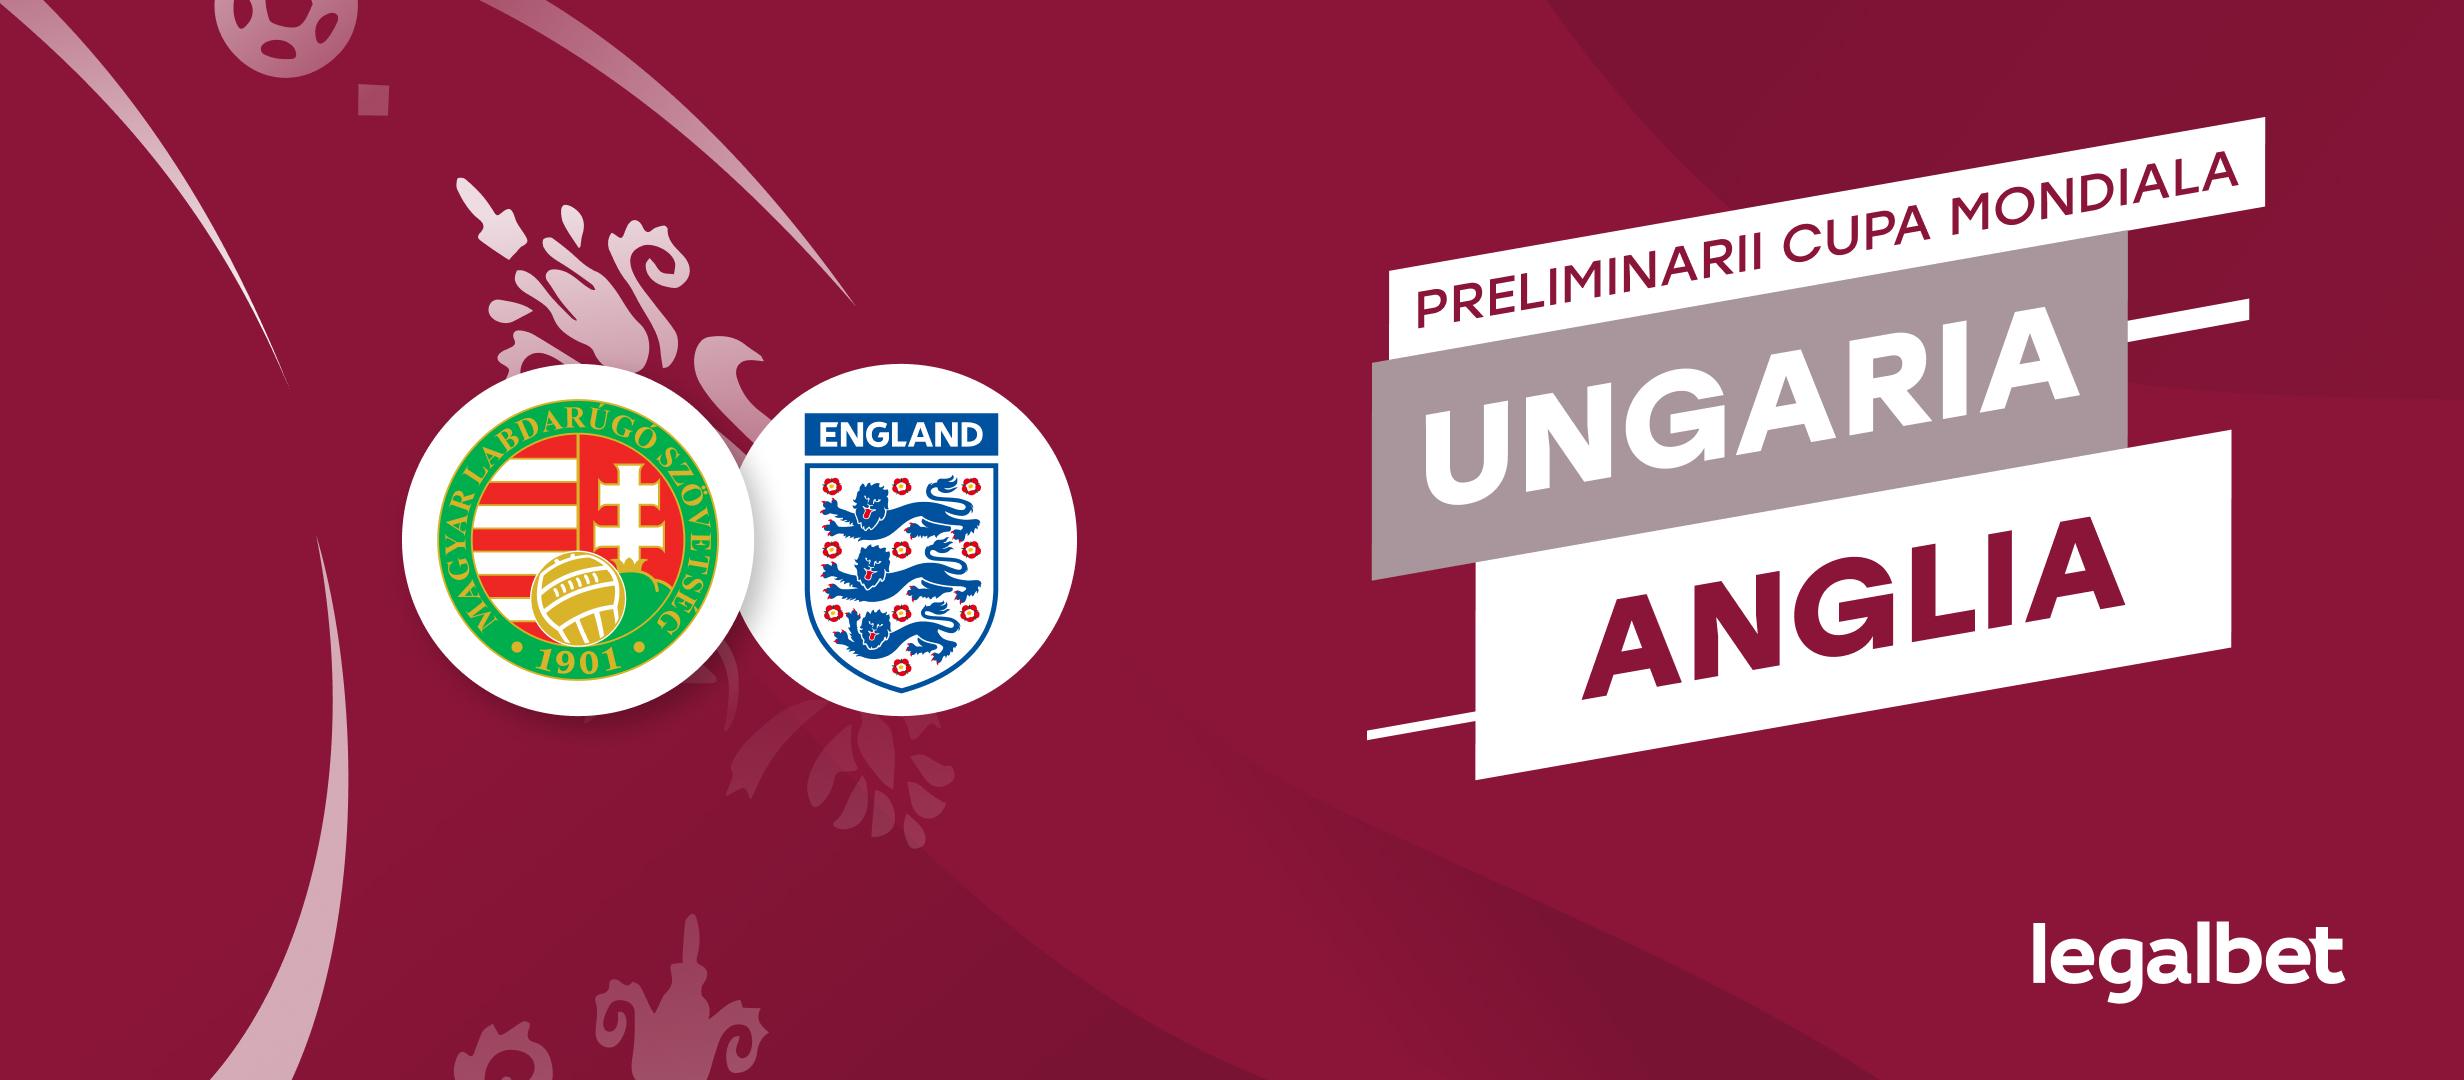 Ungaria - Anglia, preliminariile CM 2022: duelul primelor două clasate în Grupa I